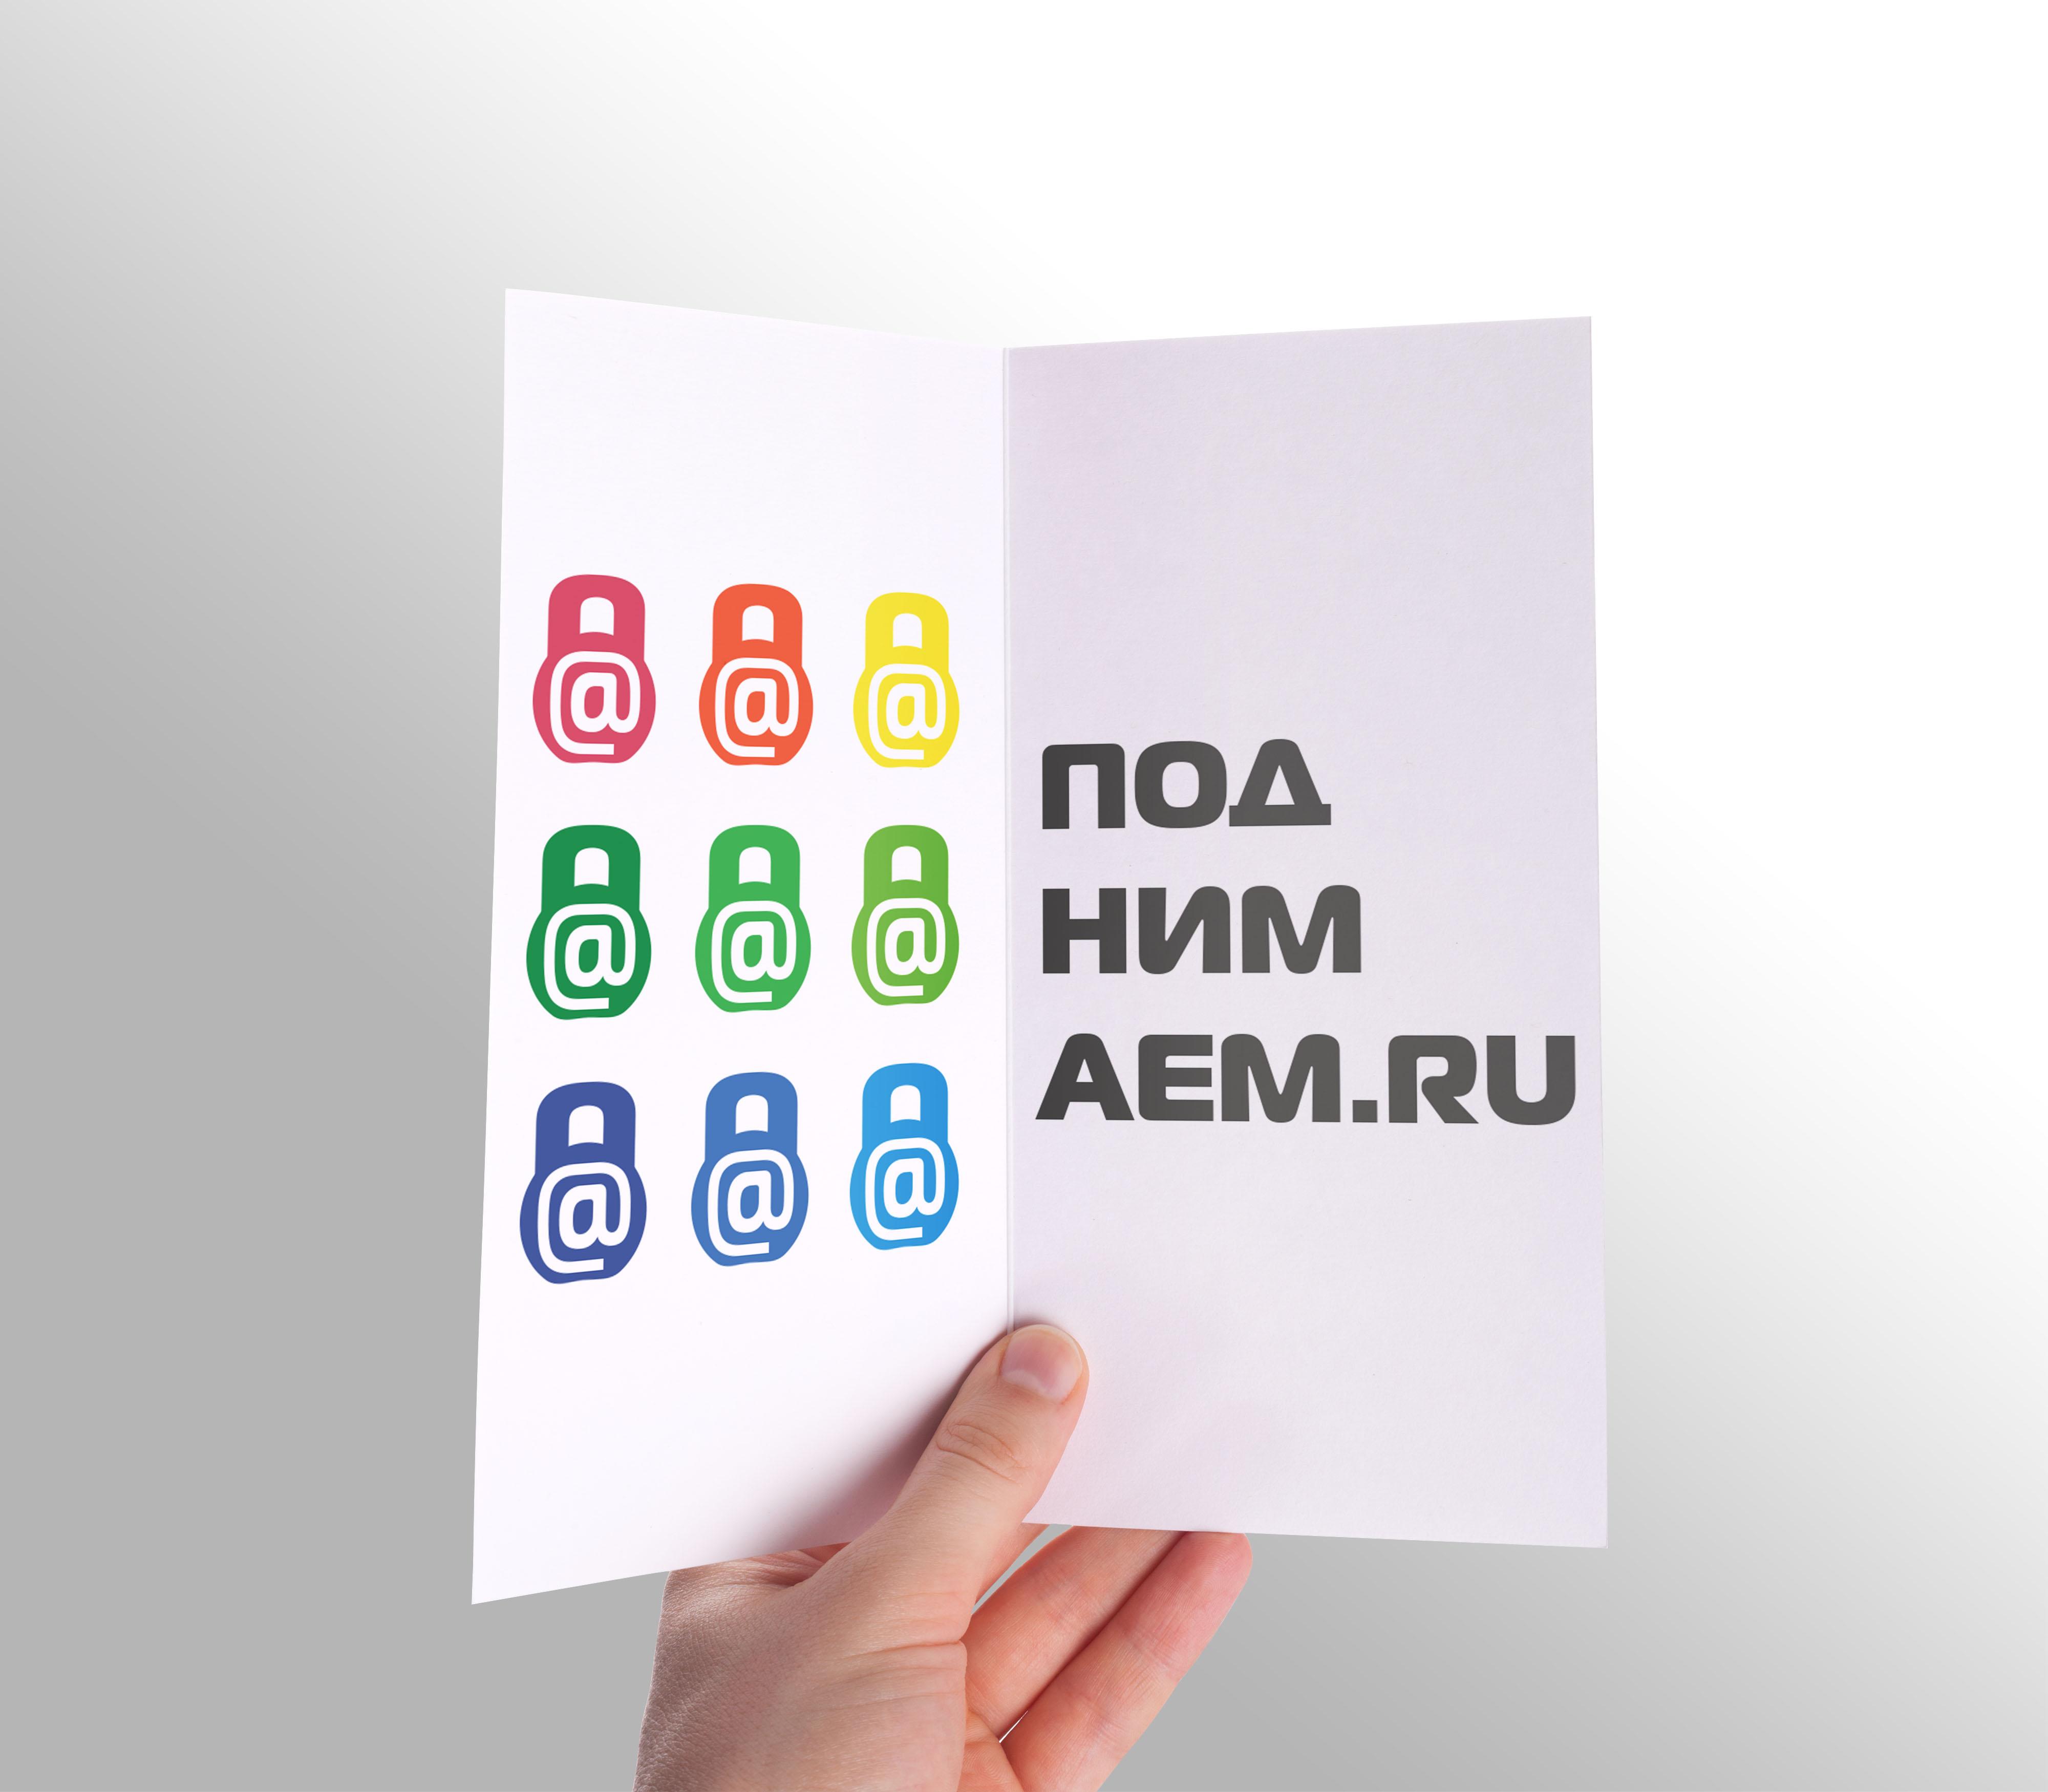 Разработать логотип + визитку + логотип для печати ООО +++ фото f_6445546cae6cba2d.jpg